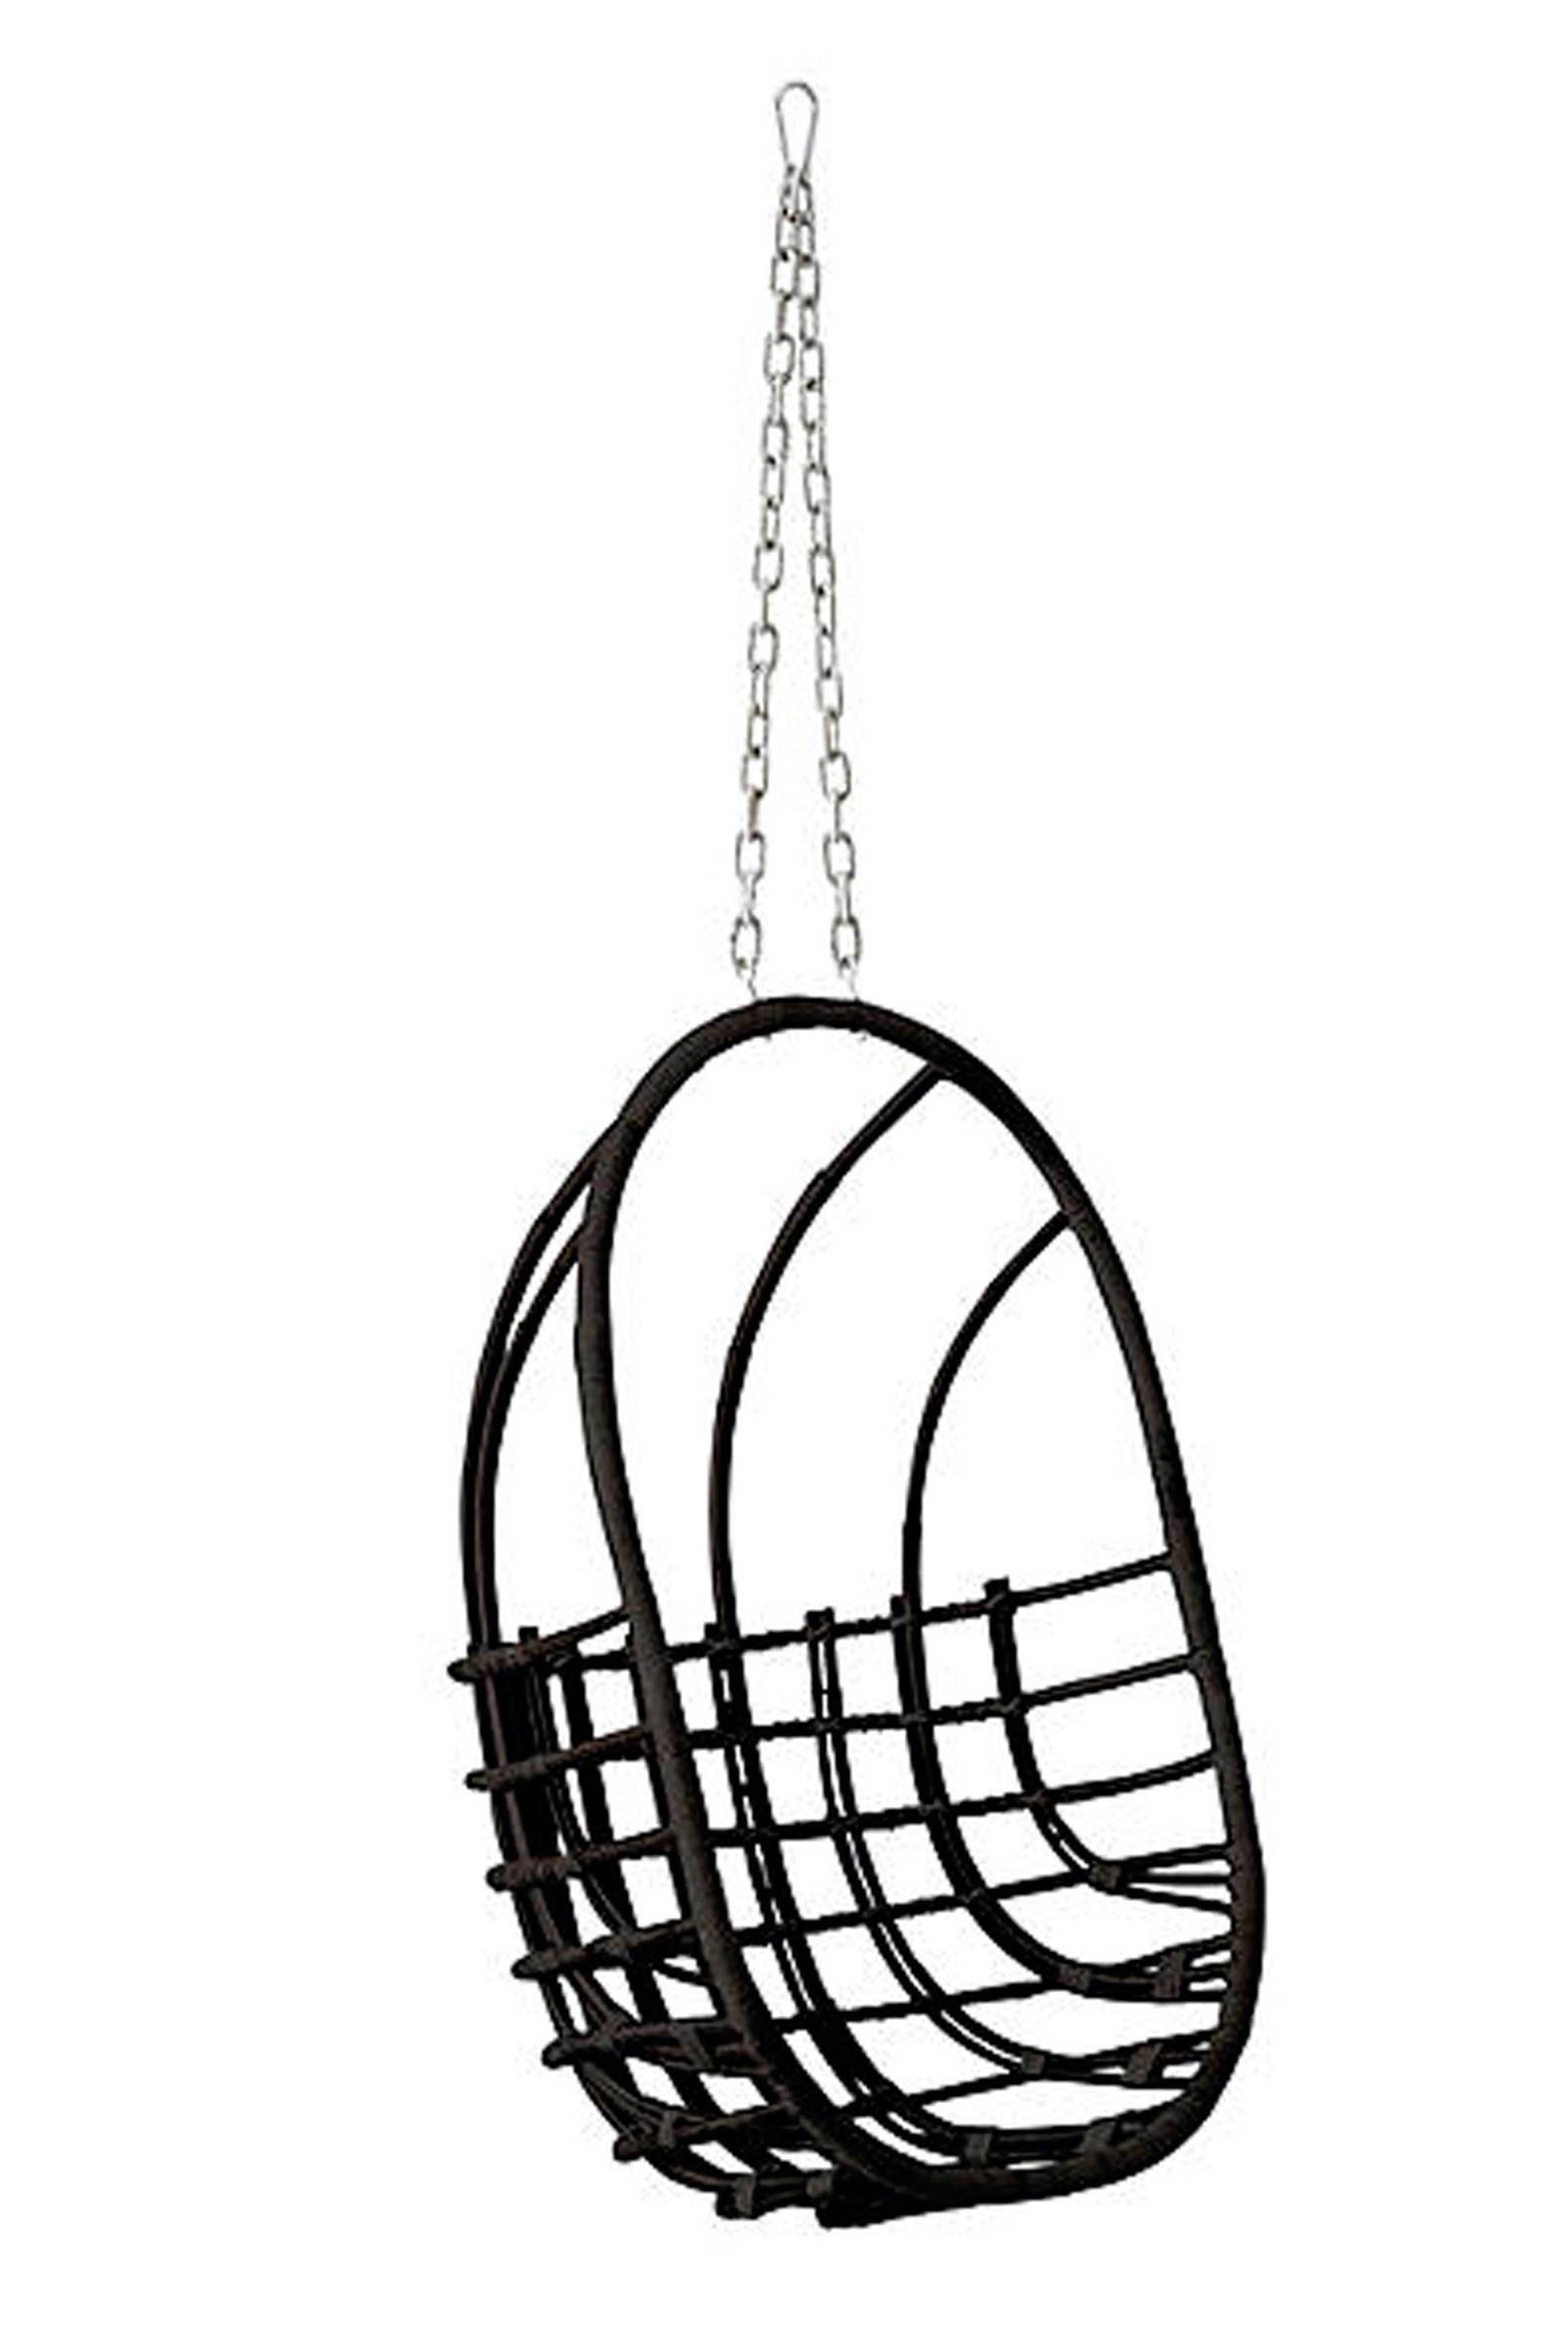 Hangstoel Zwart Egg.Egg Chair Hangstoel